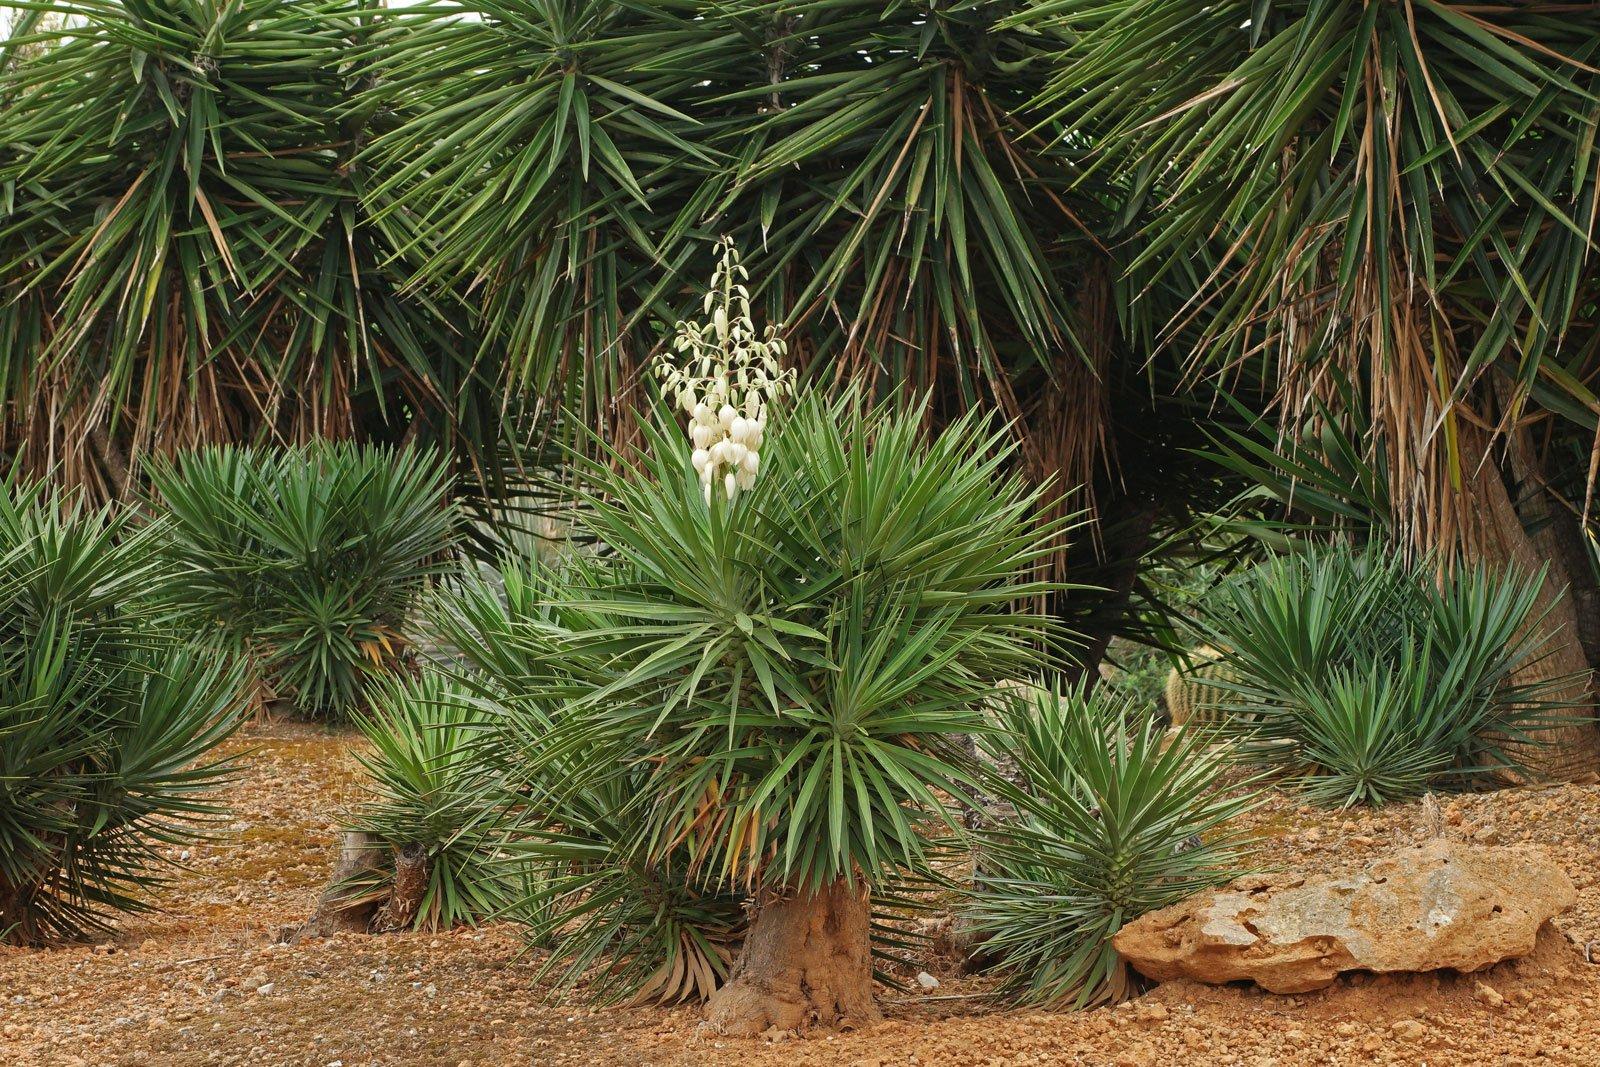 Yucca gigantea